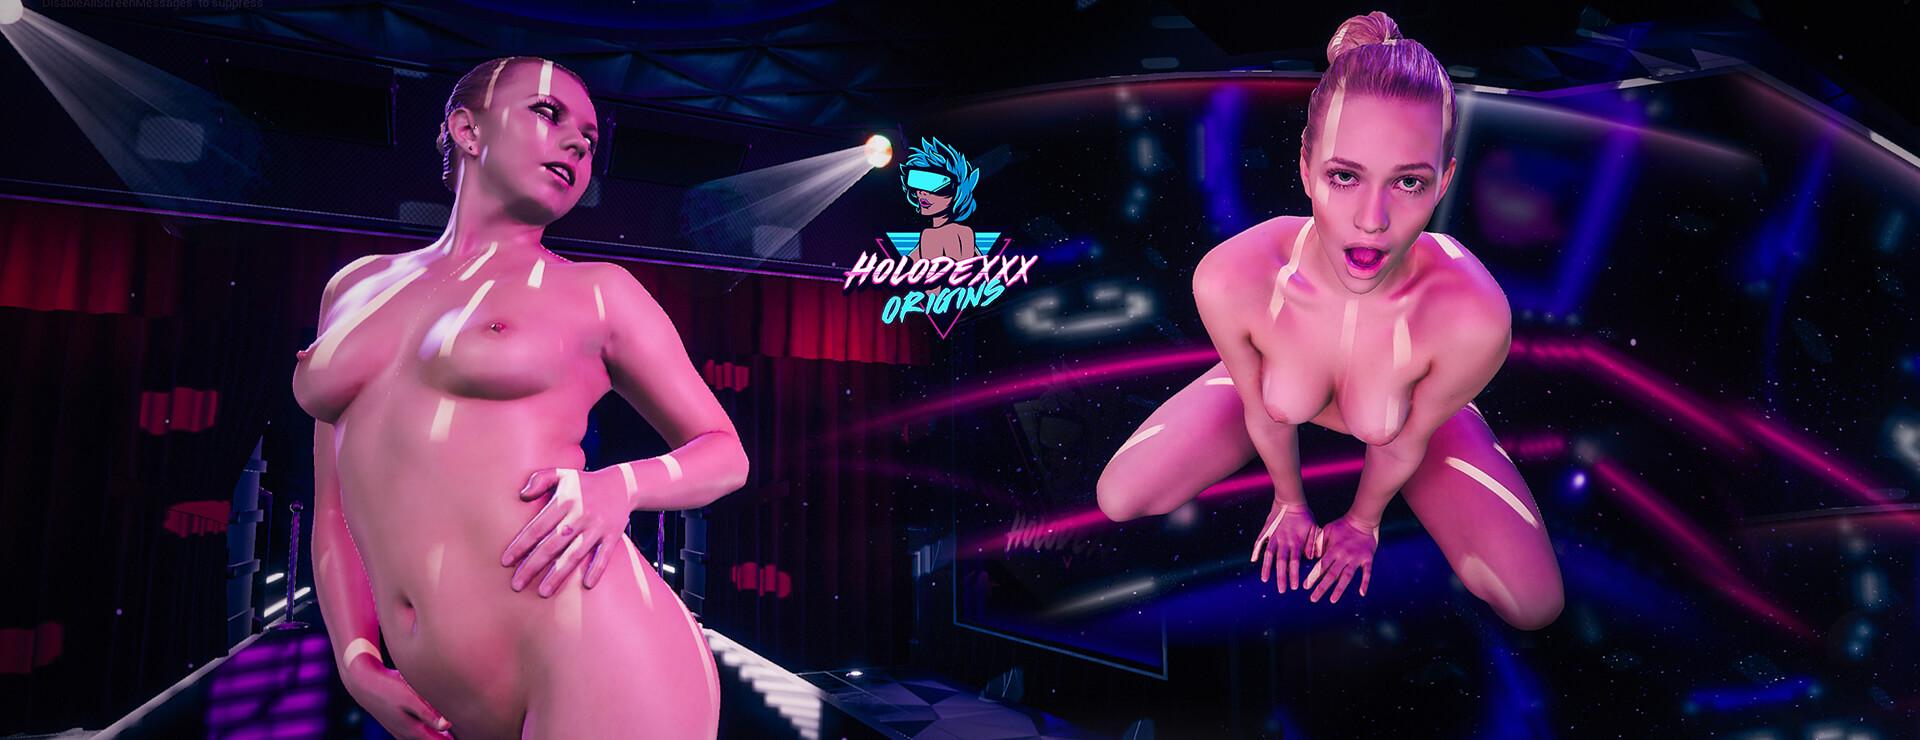 Holodexxx Origins - Simulation Game